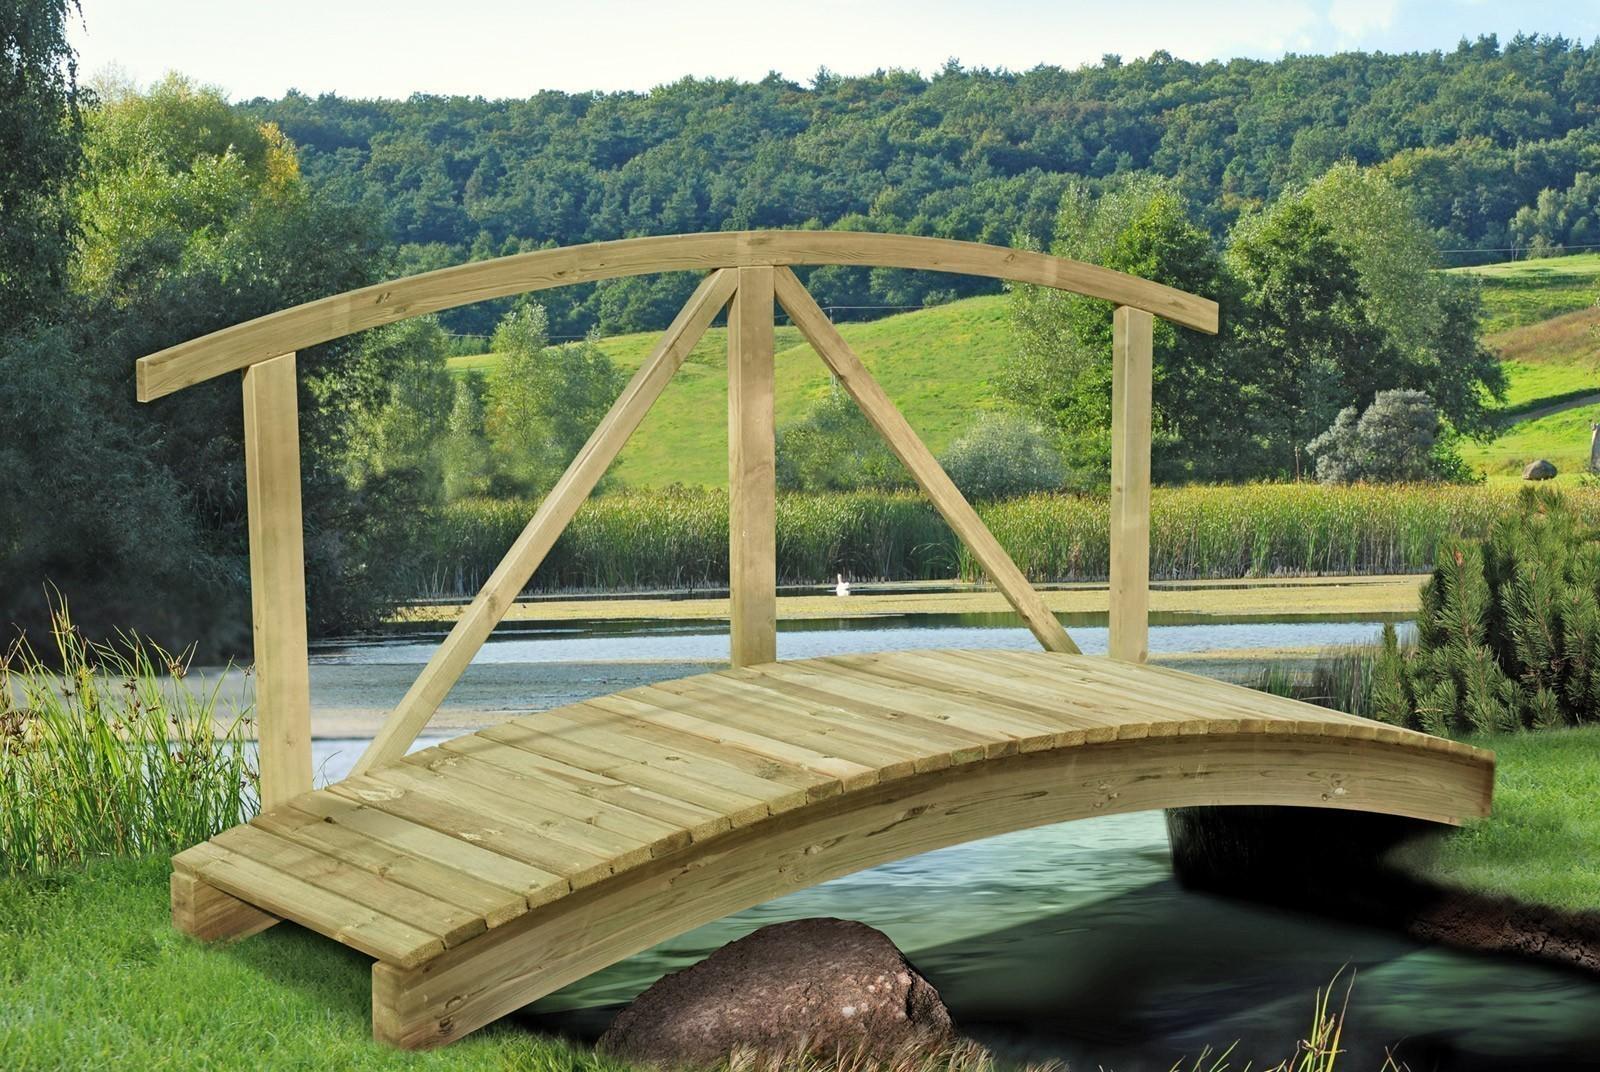 Teichbrücke Kiefernholz 80 x 250 cm Bild 1